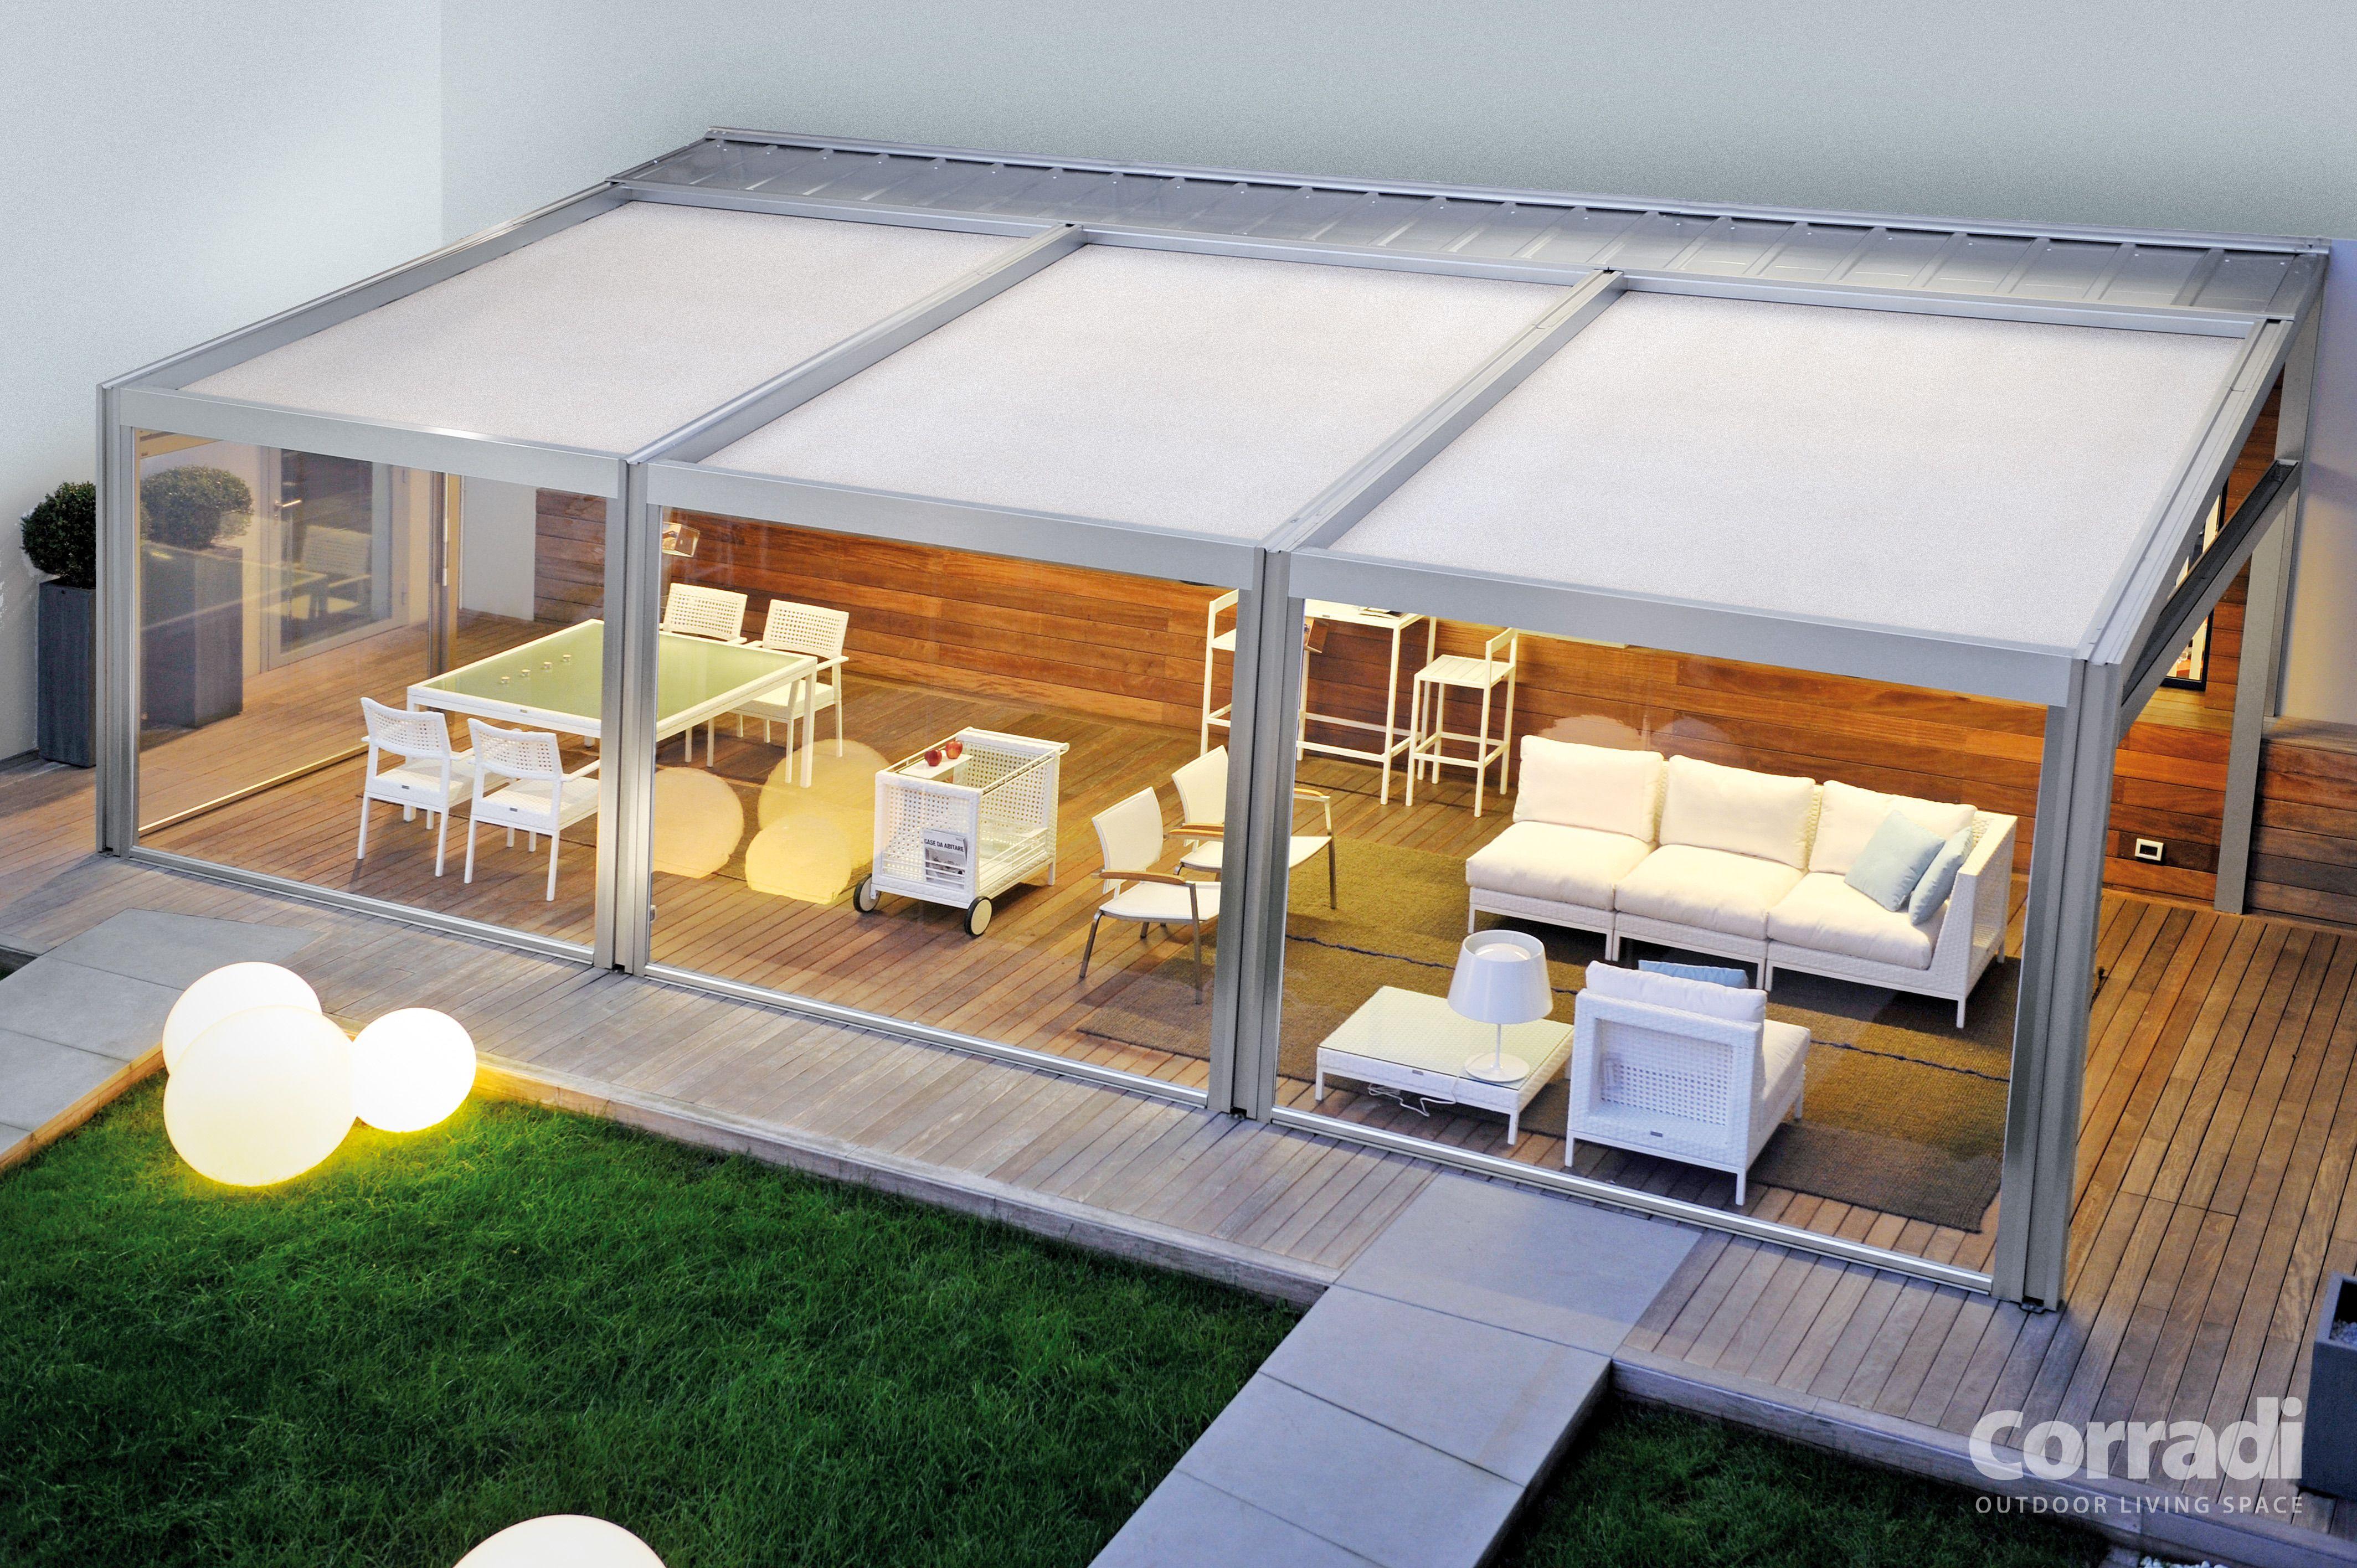 Image result for pergotenda house plans nel patio